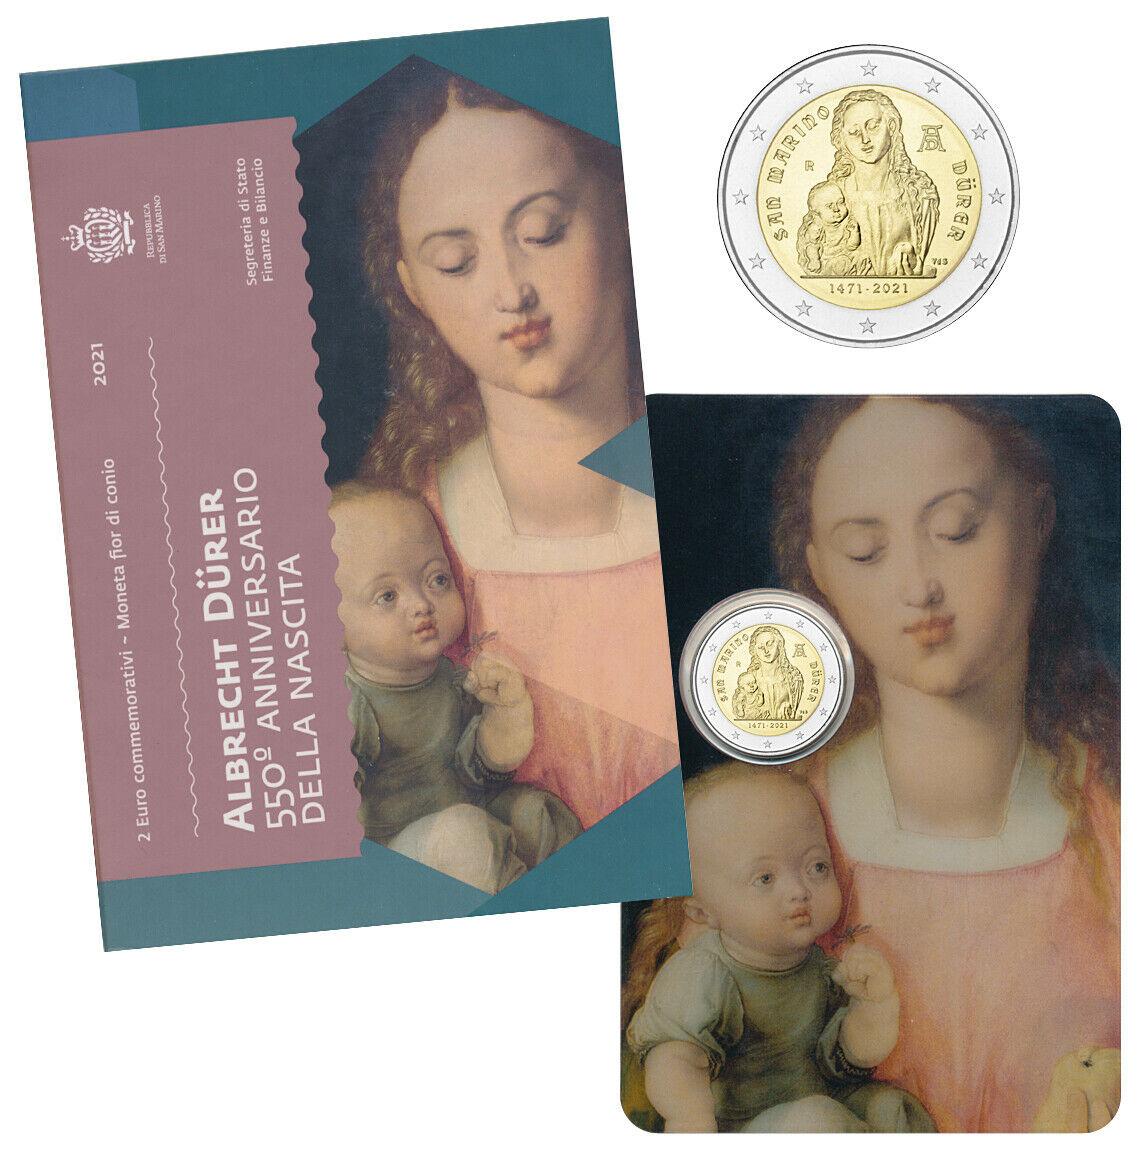 Сан Марино 2 евро 2021 550 лет со дня рождения Альбрехта Дюрера